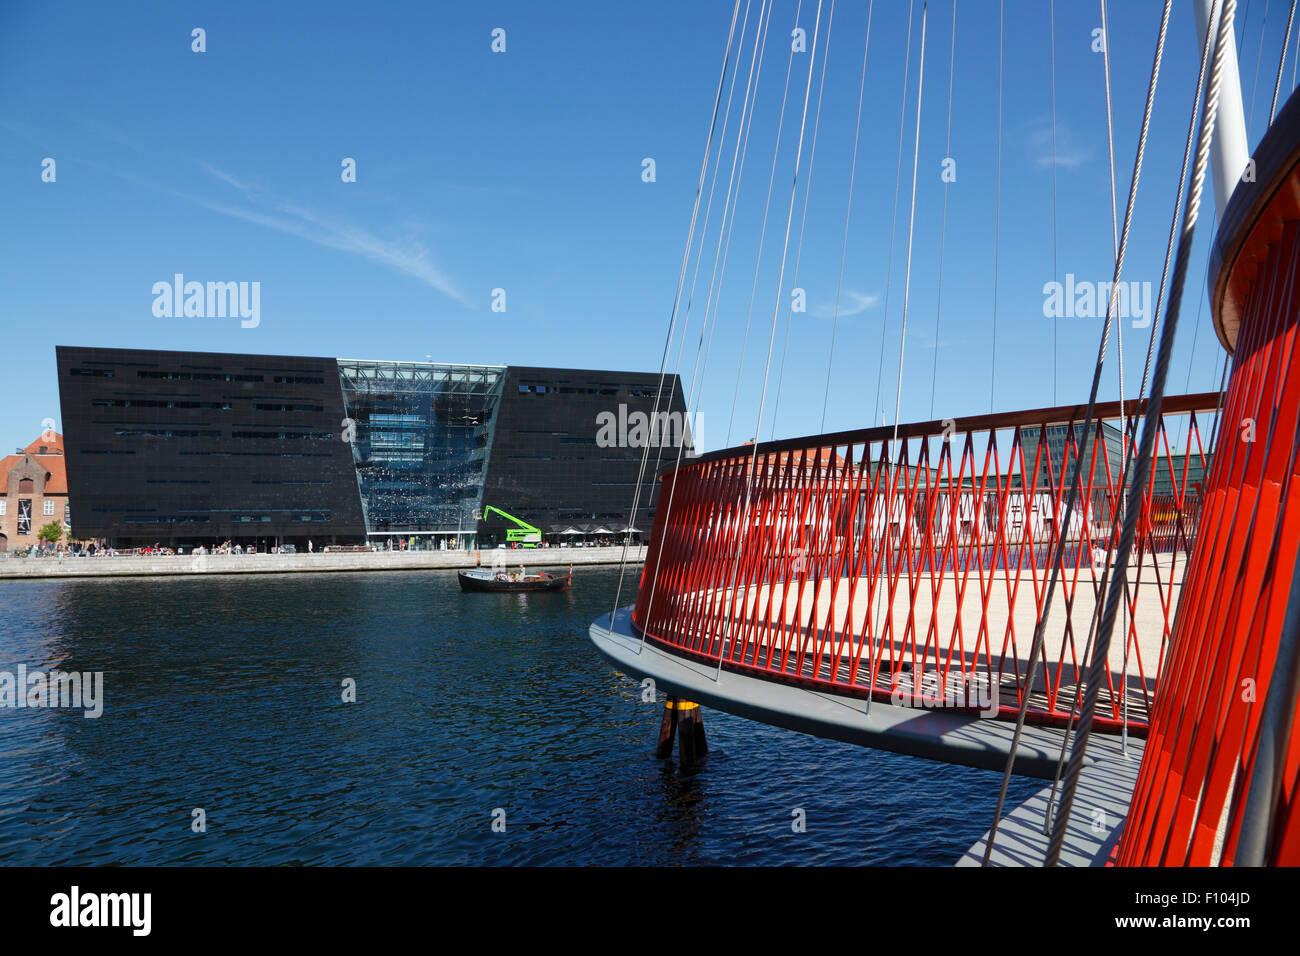 El Círculo Cirkelbroen Bridge, diseñado por Olafur Eliasson spanning Christianshavn Canal. El Diamante Negro, Den Sorte Diamant, en el fondo. Foto de stock